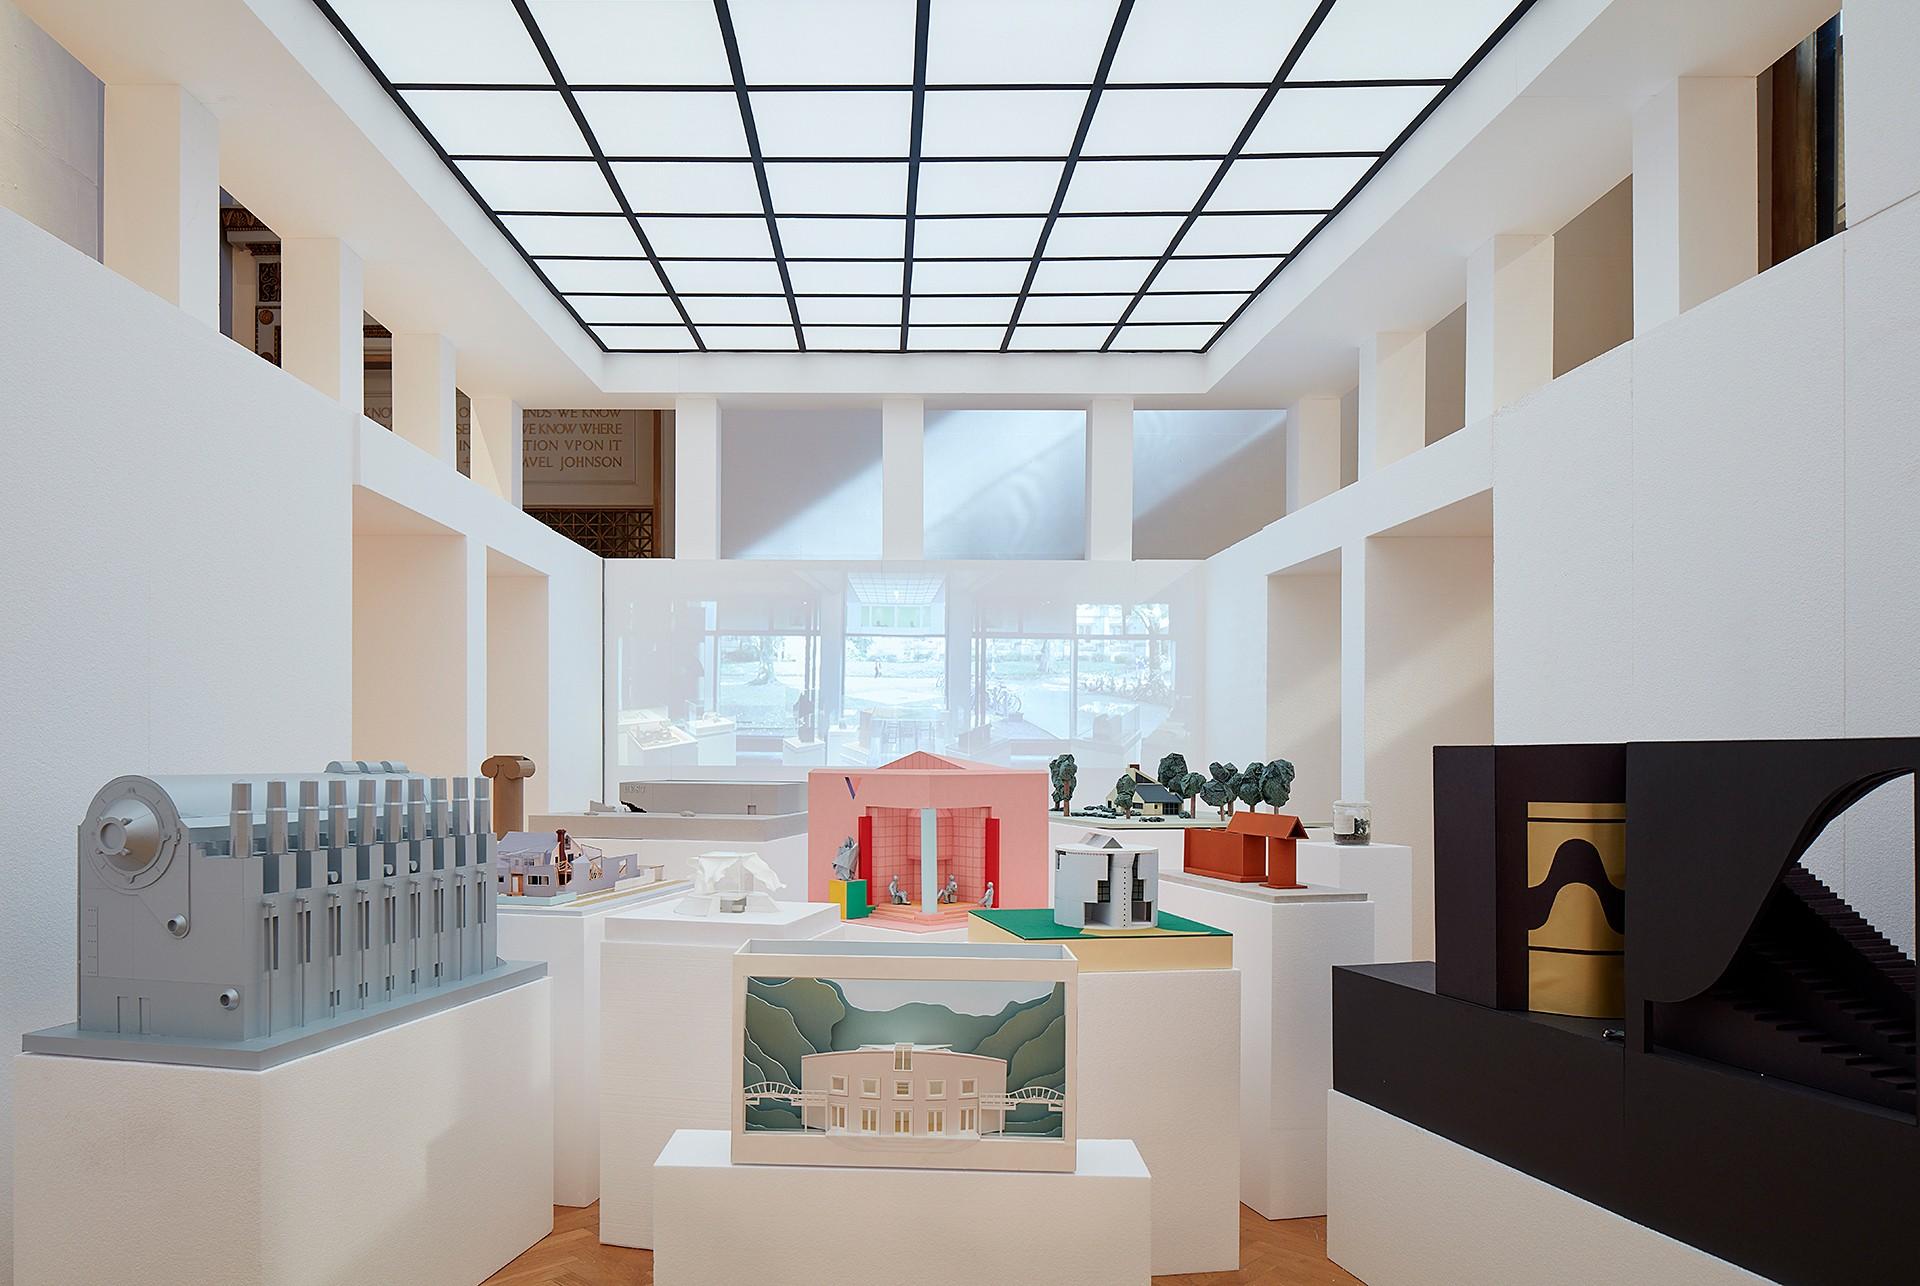 Chicago Architecture Biennial Foundation